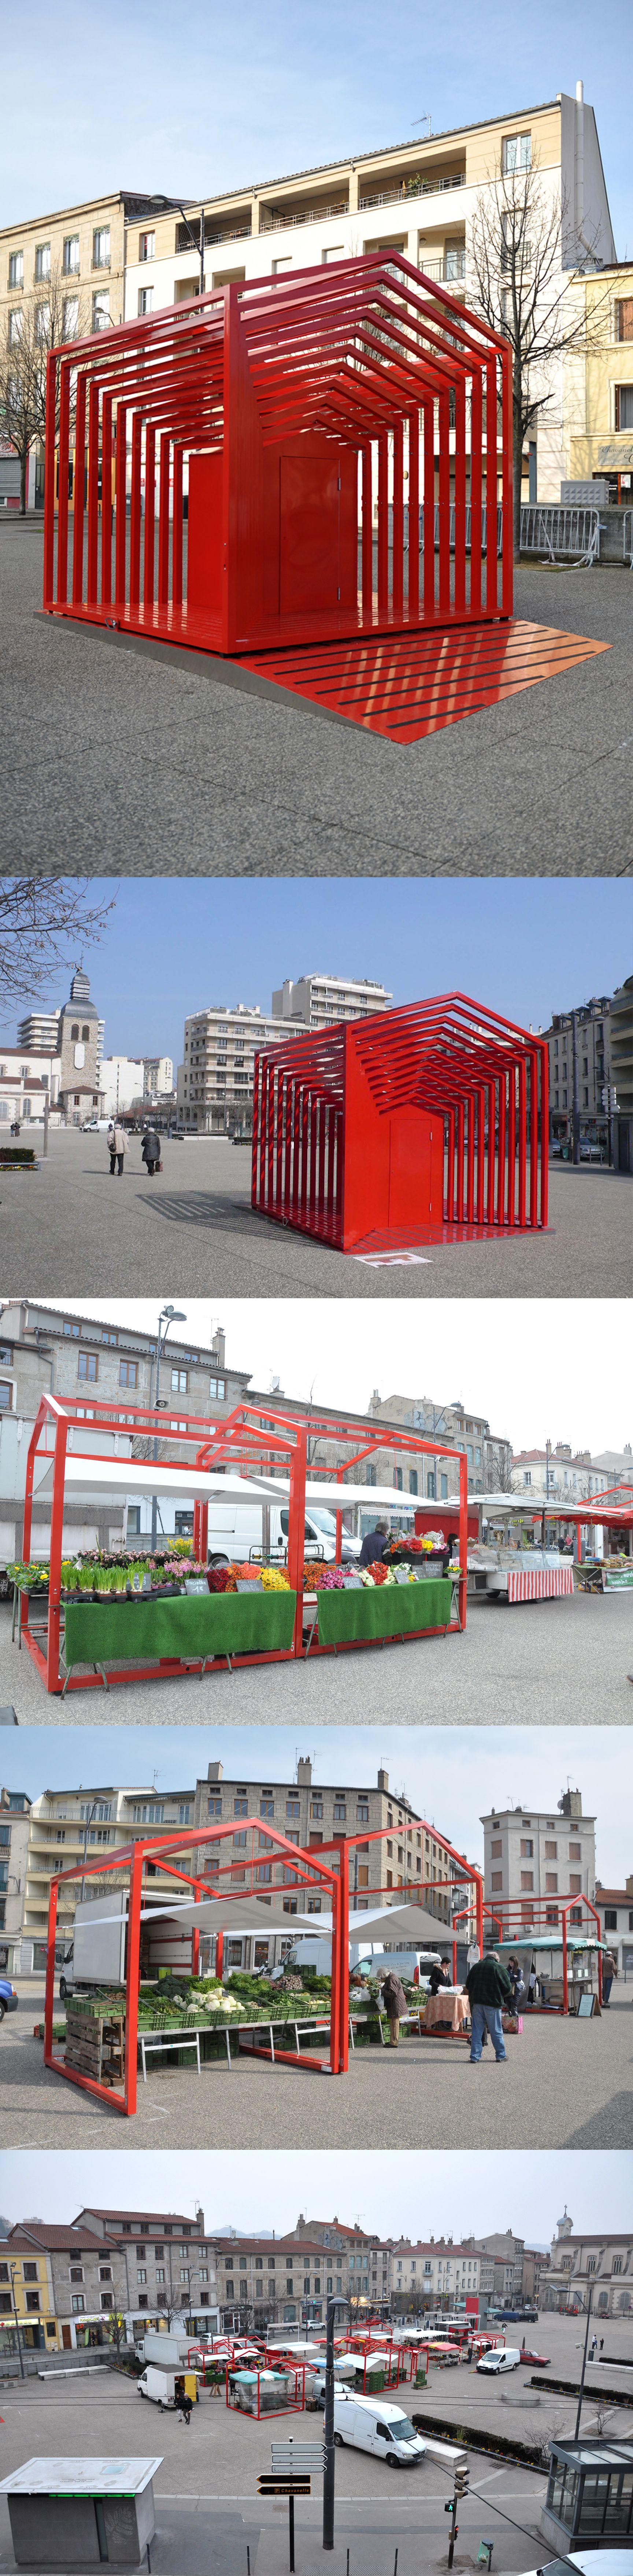 Le cube gigogne mobilier urbain modulable mars 2015 saint - Mobilier jardin d ulysse saint etienne ...